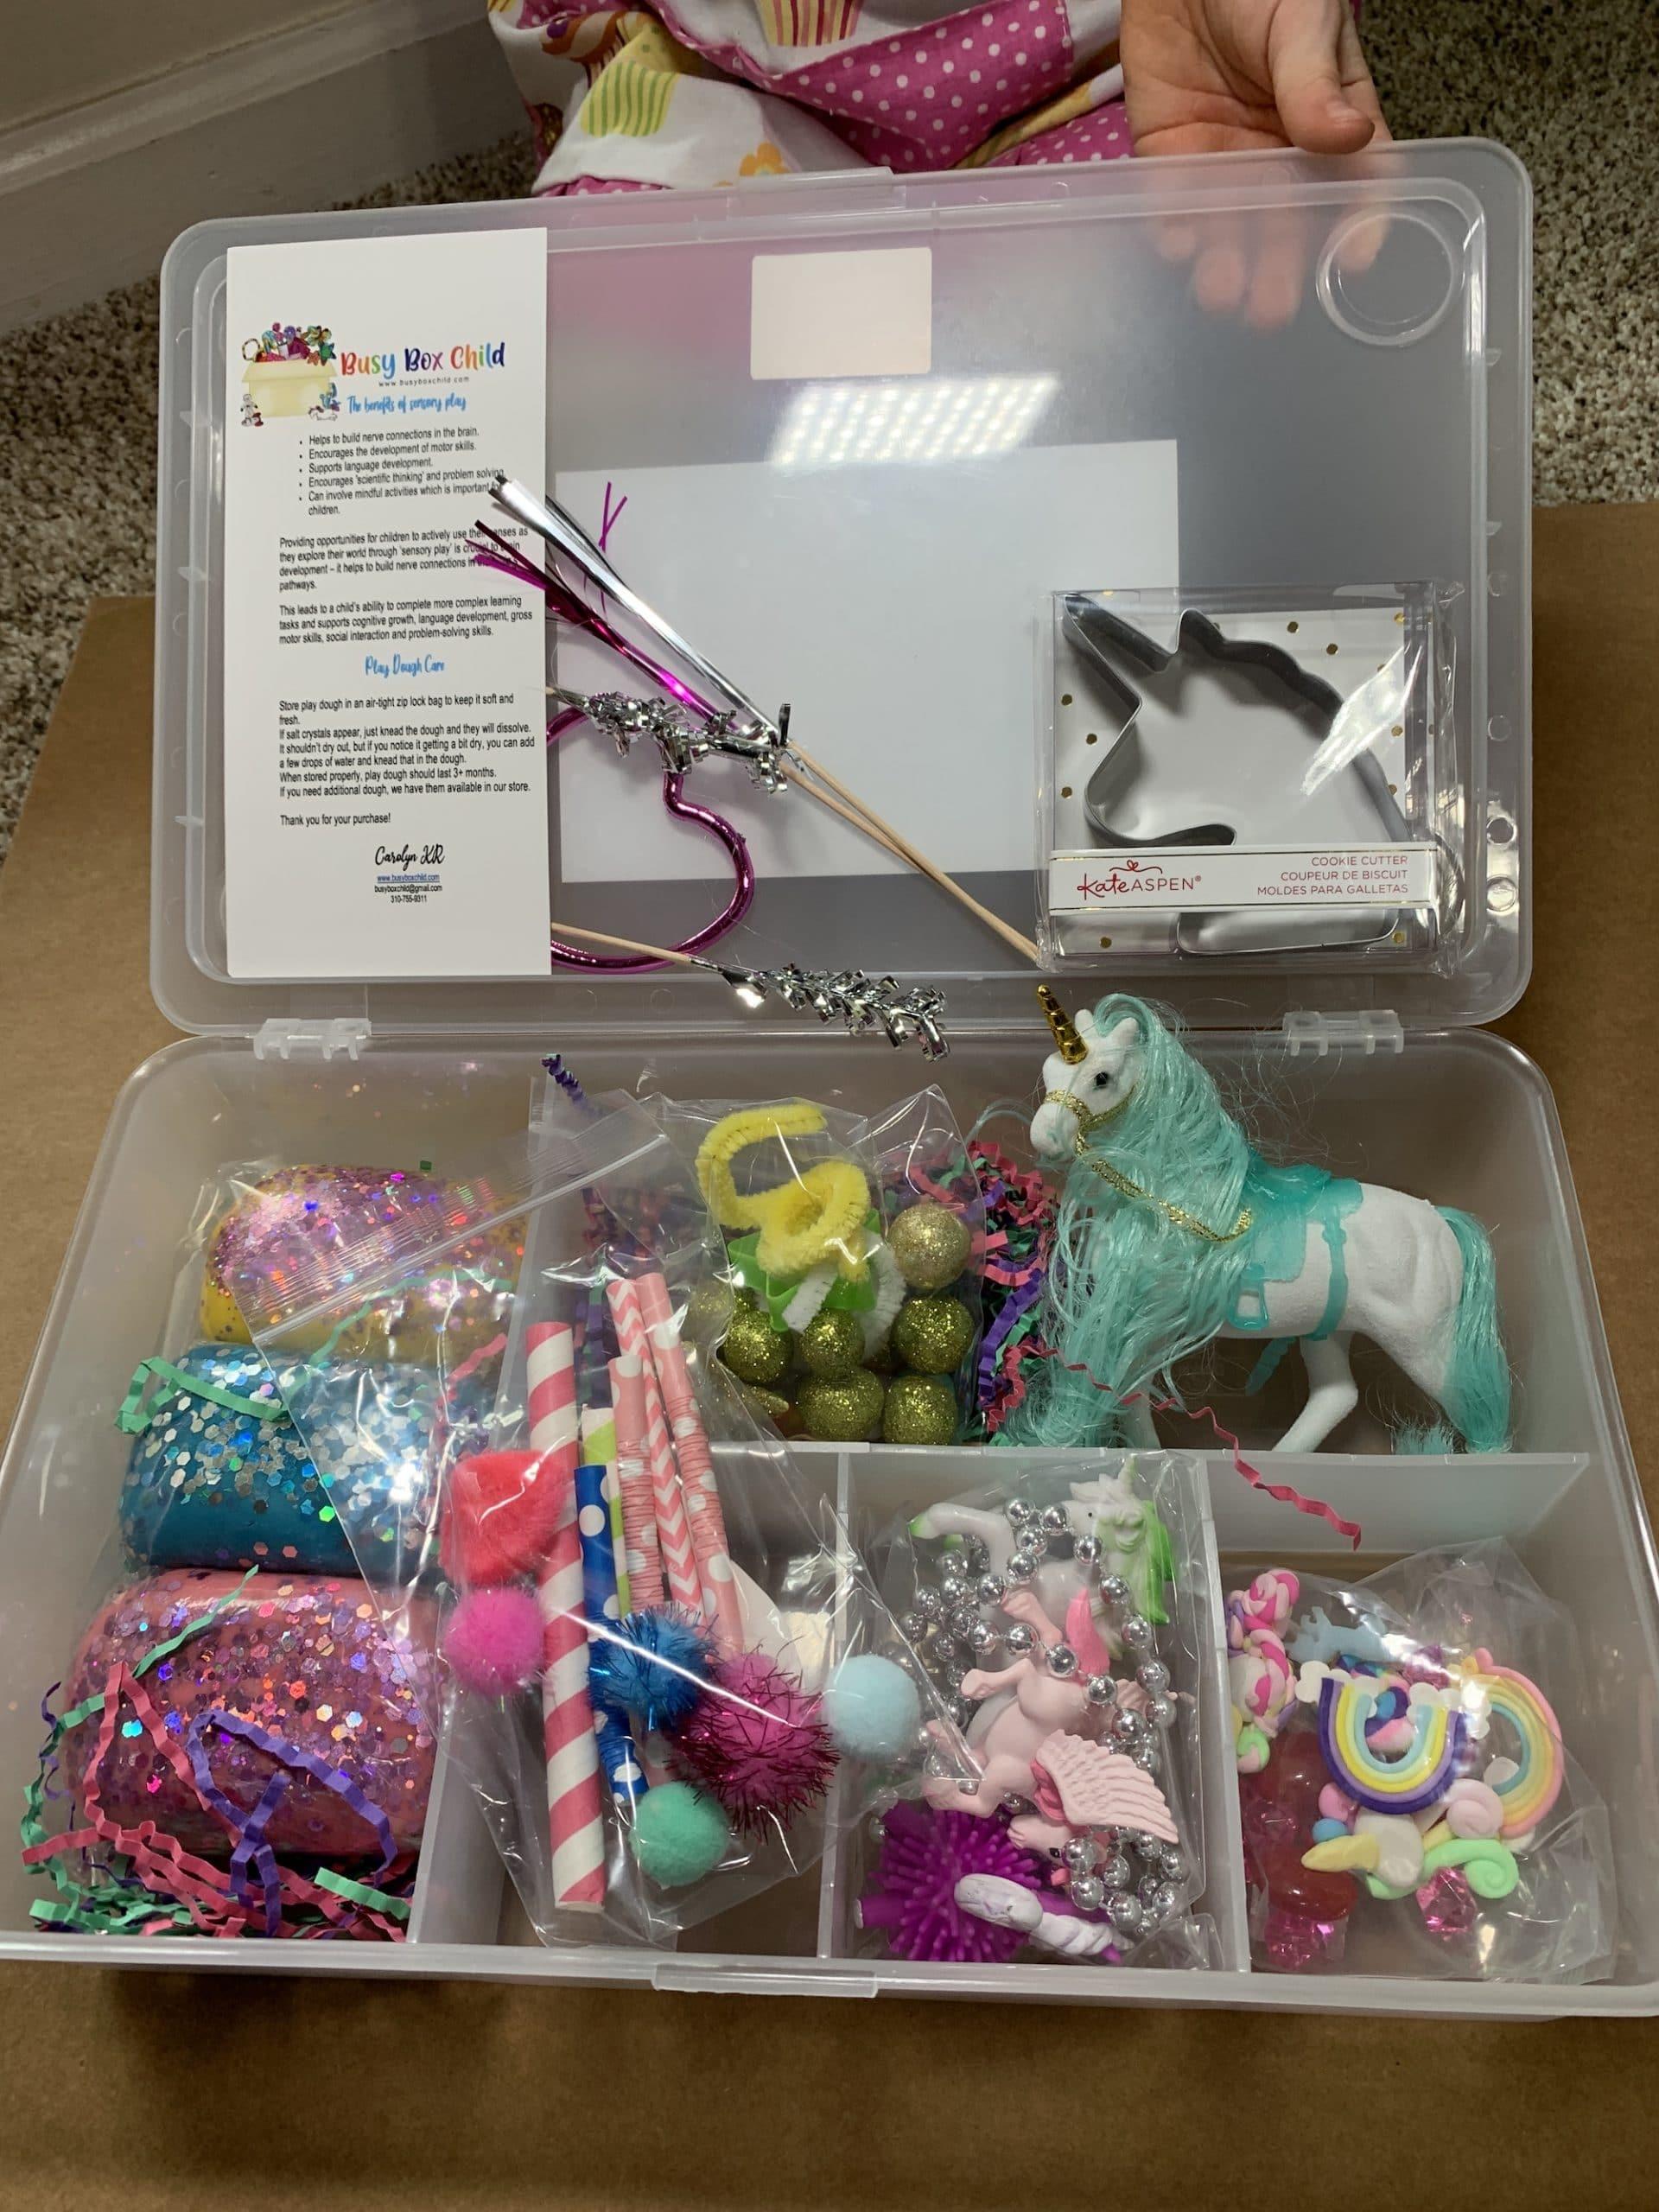 busy box child sensory play kit unicorn kit